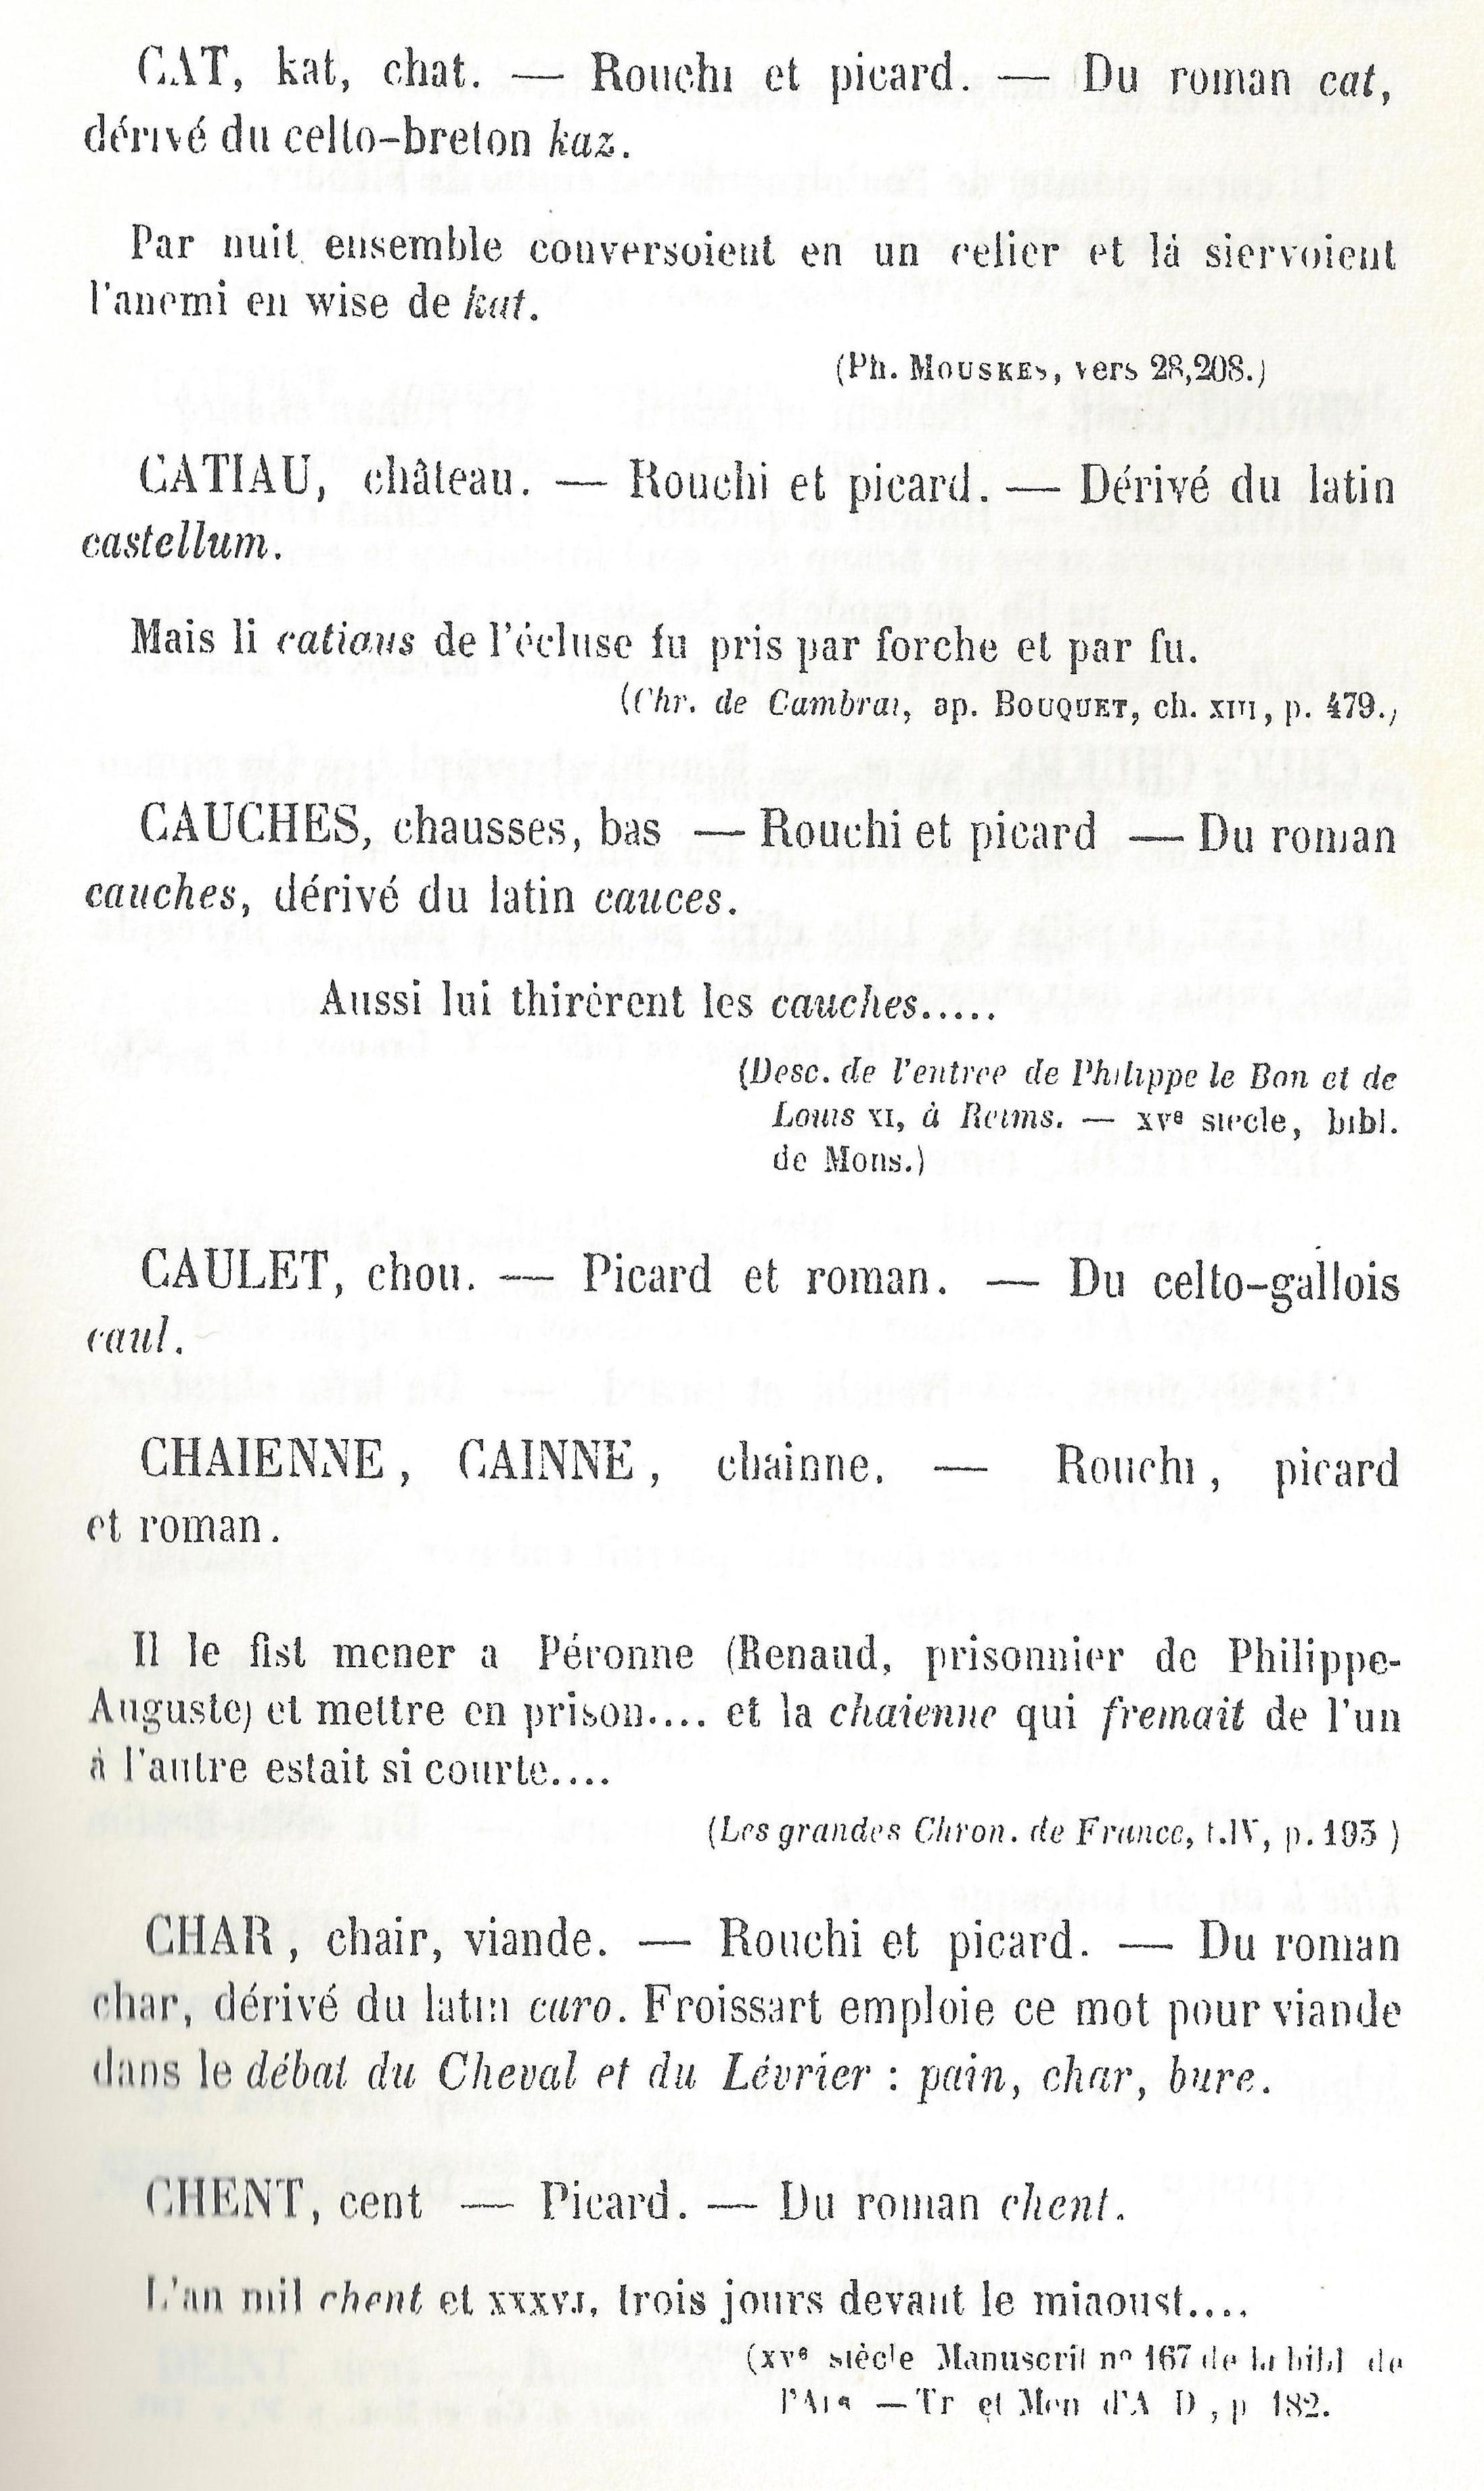 patoi de tg 4b_Histoire du Tourcoing Charles Roussel_Delfontaine le livre d'histoire monographies des villes et villages de France